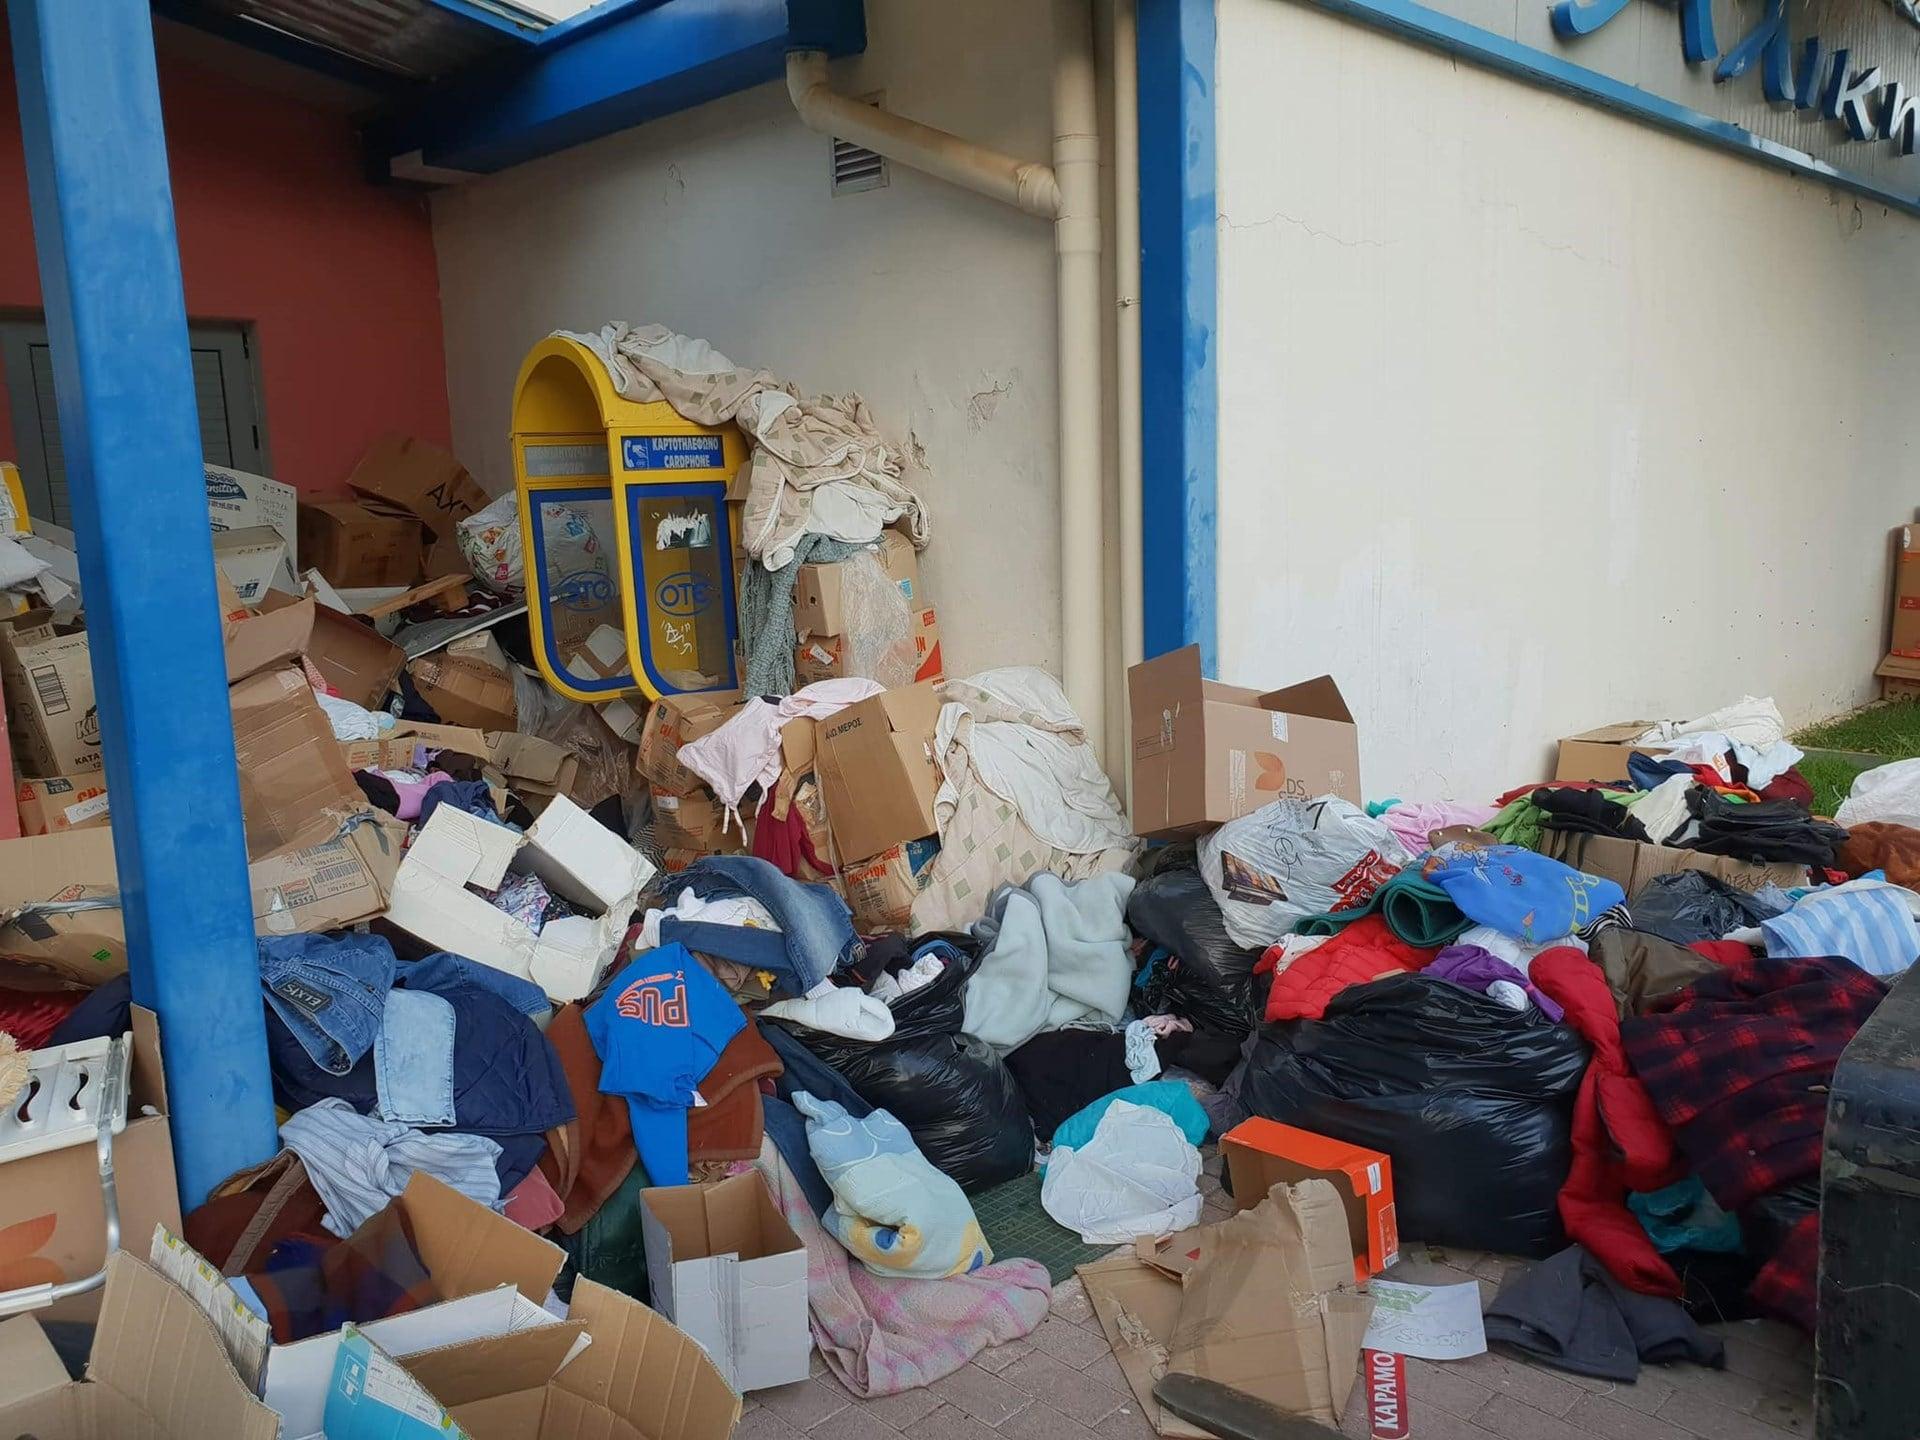 Έκαναν σκουπίδια την ανθρωπιστική βοήθεια για το Μάτι